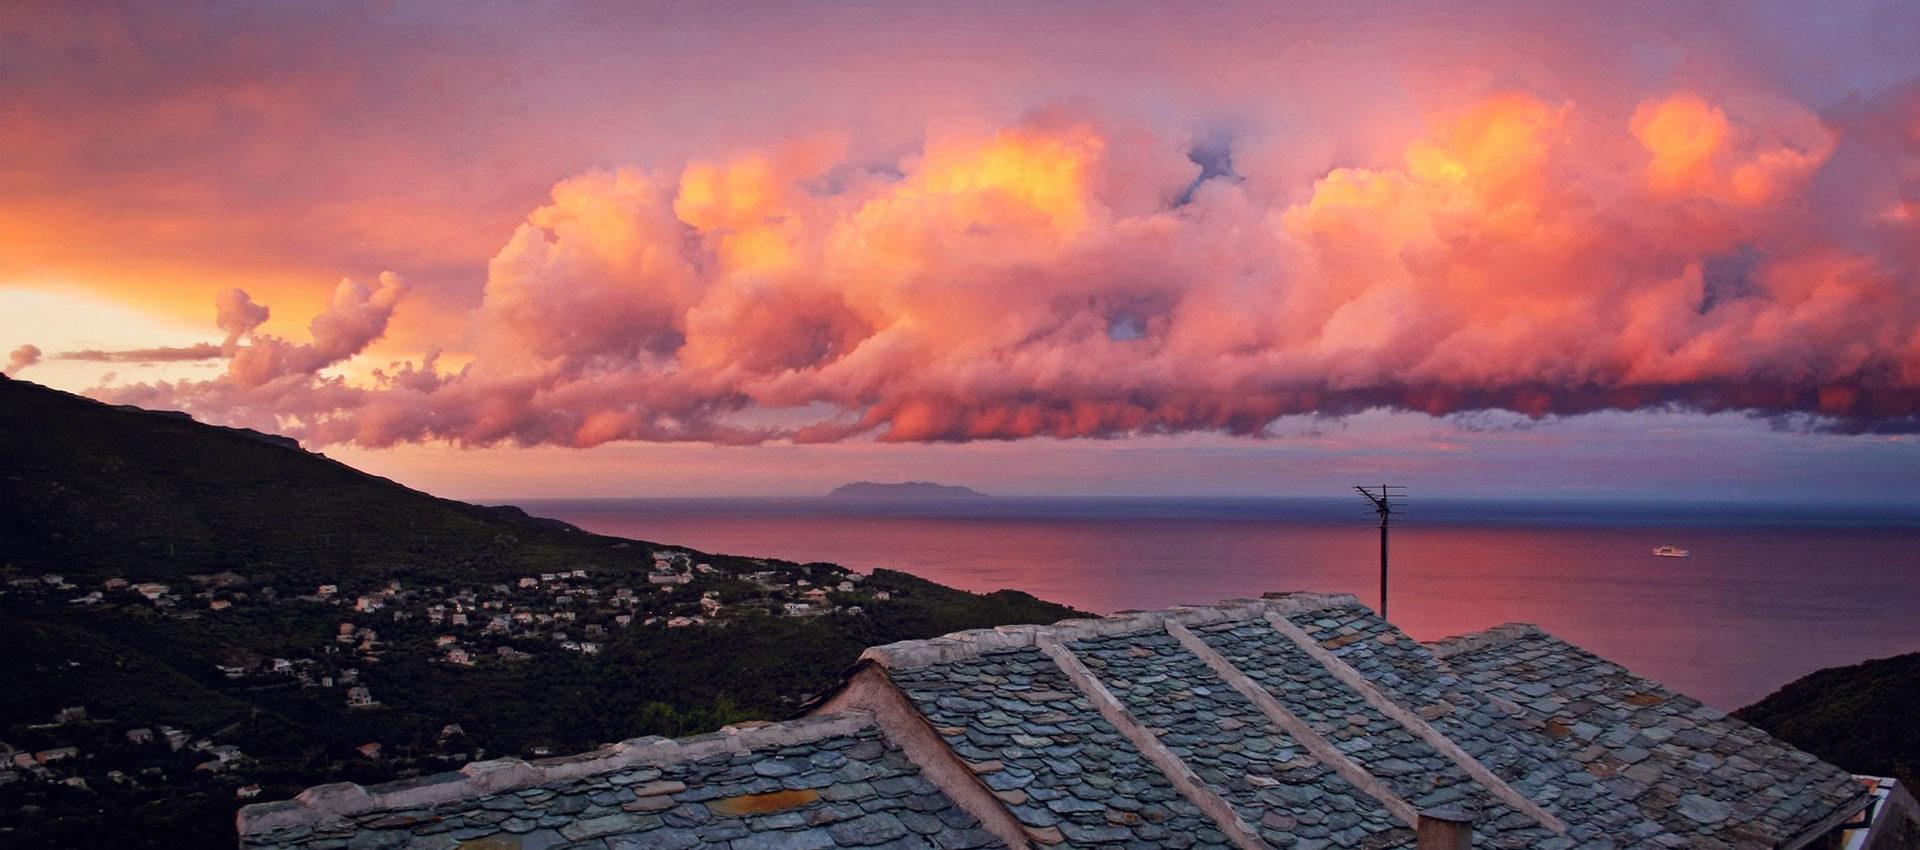 ciel coloré et nuageux au dessus de la mer, depuis les hauteurs de san martino en corse © Kevin Amiel